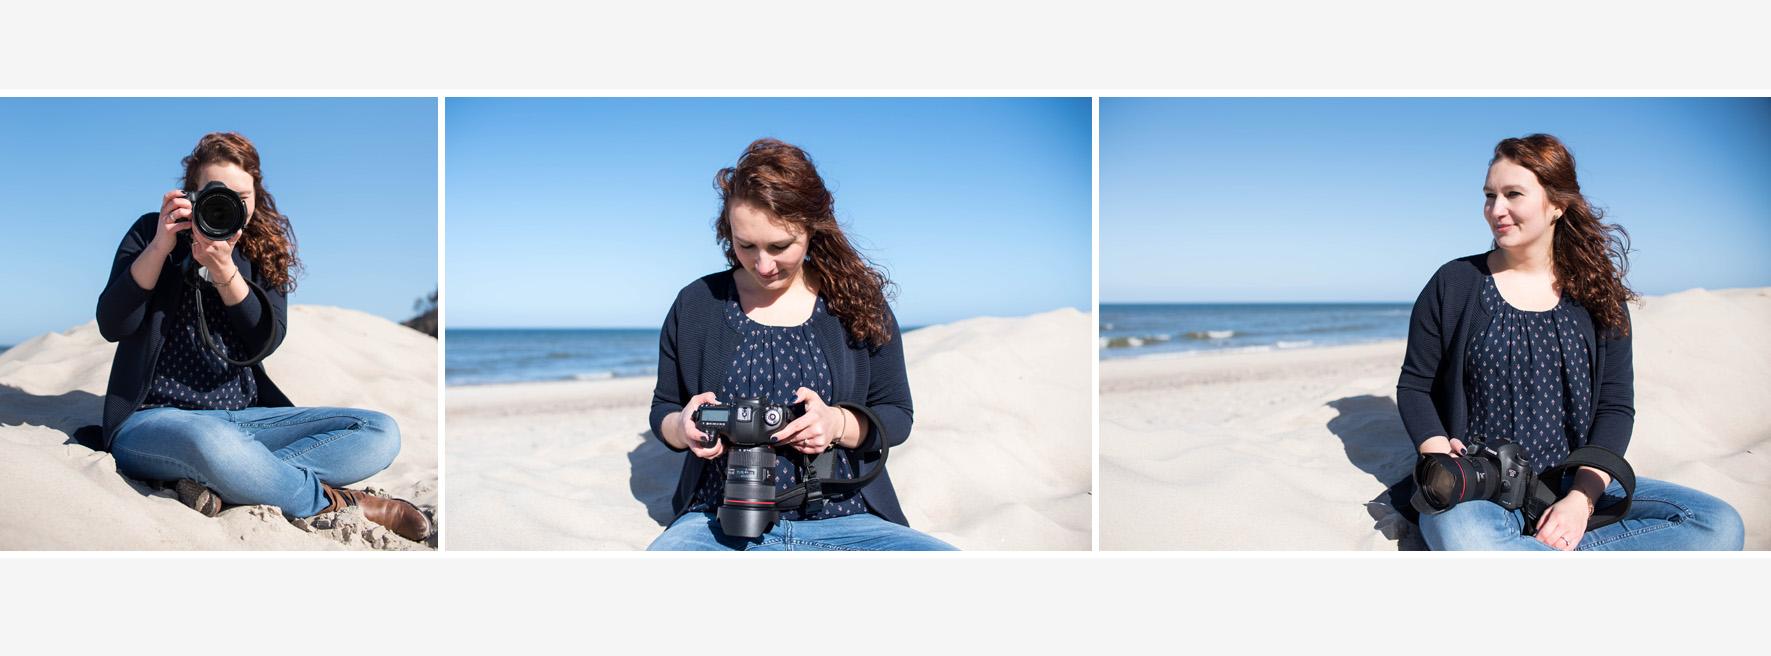 Über die Fotografin